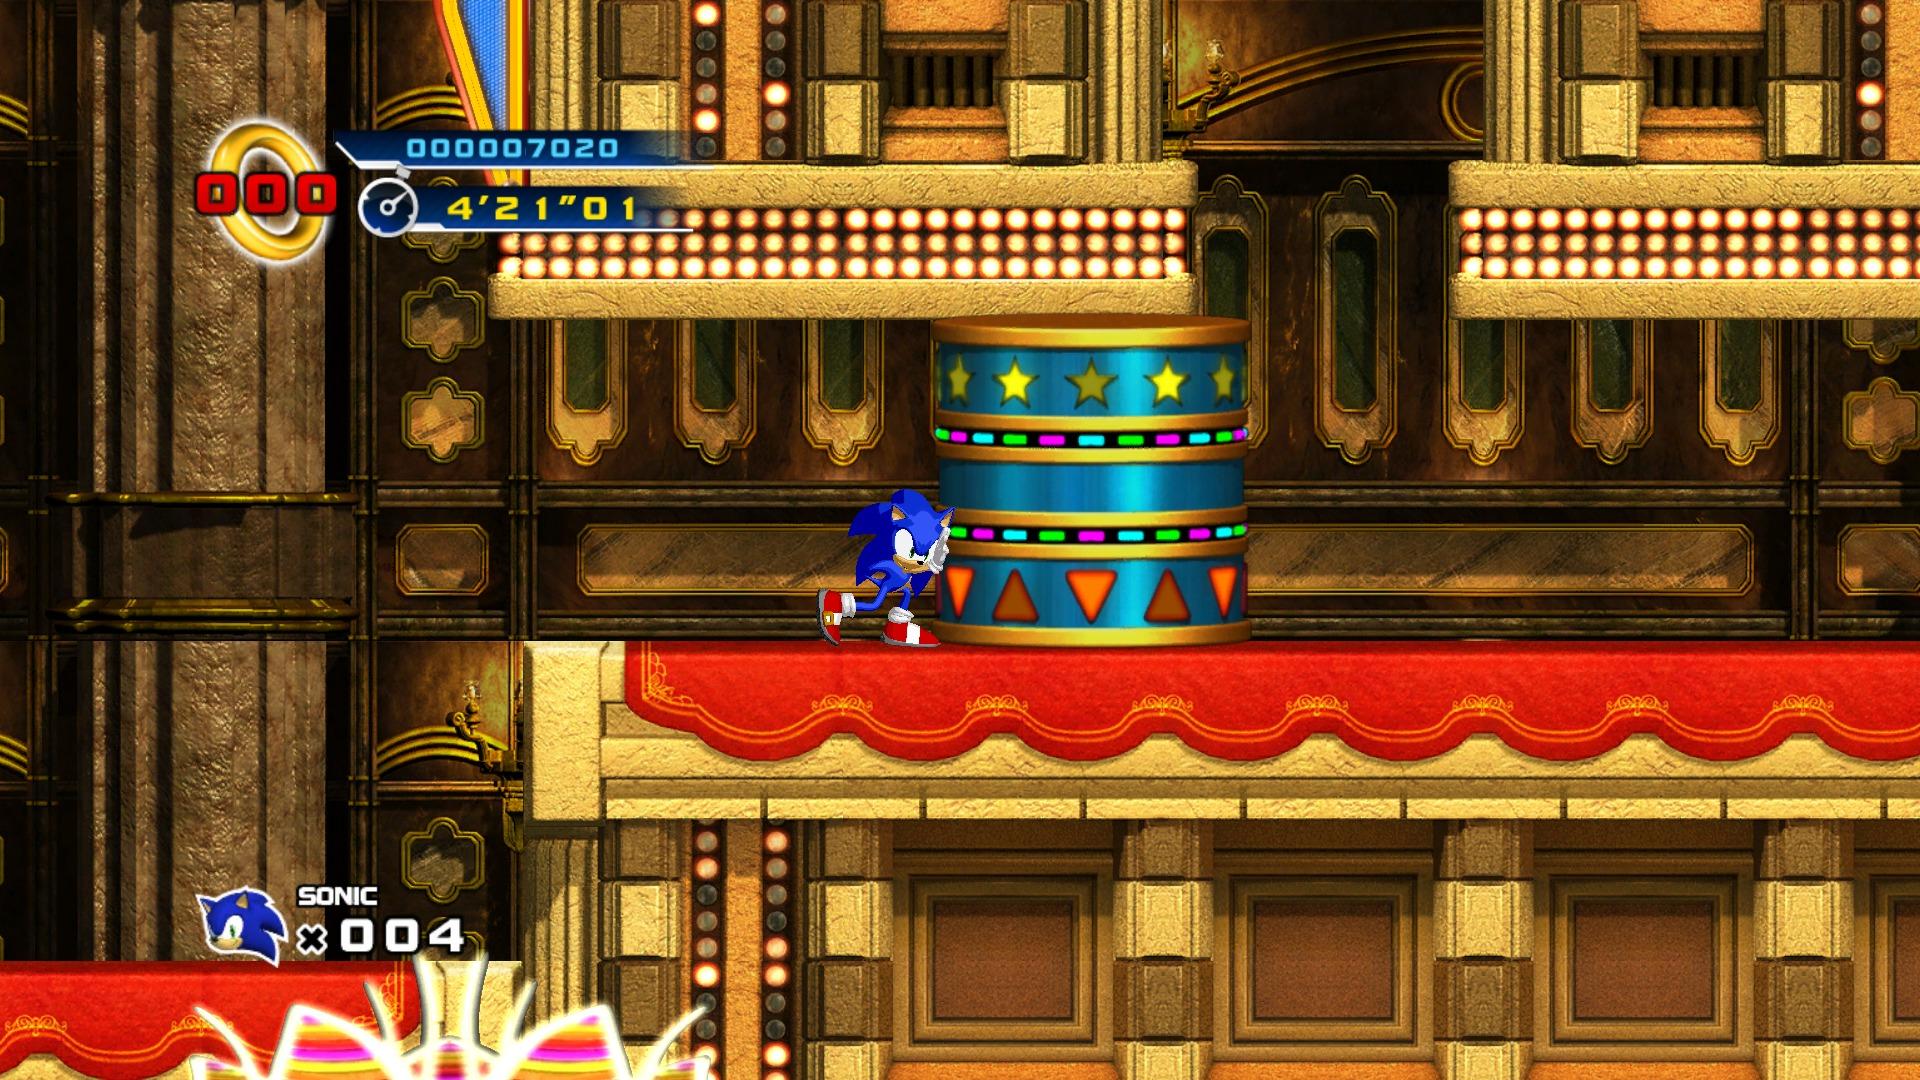 Sonic restaurant game online